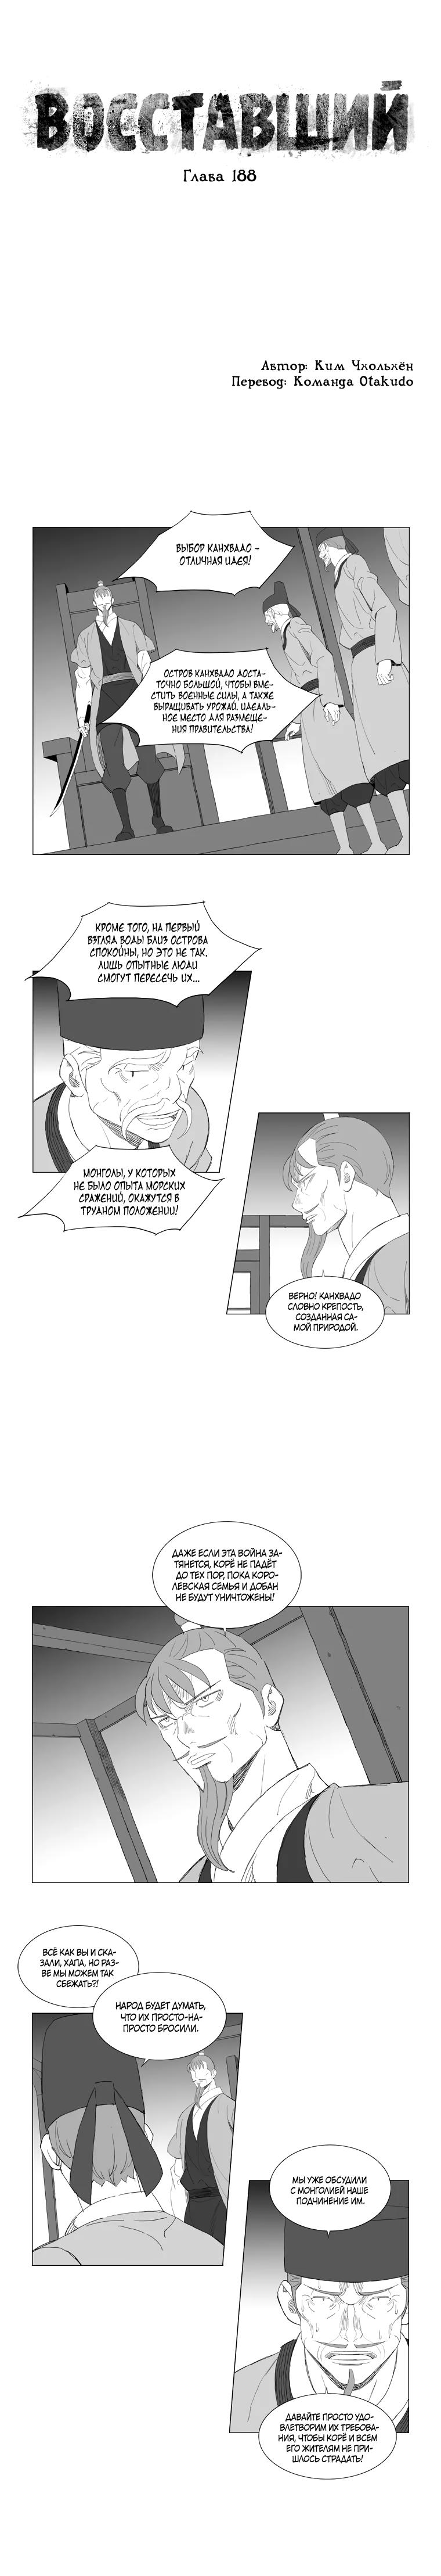 https://r1.ninemanga.com/comics/pic3/39/28263/1298605/1546977619288.png Page 1